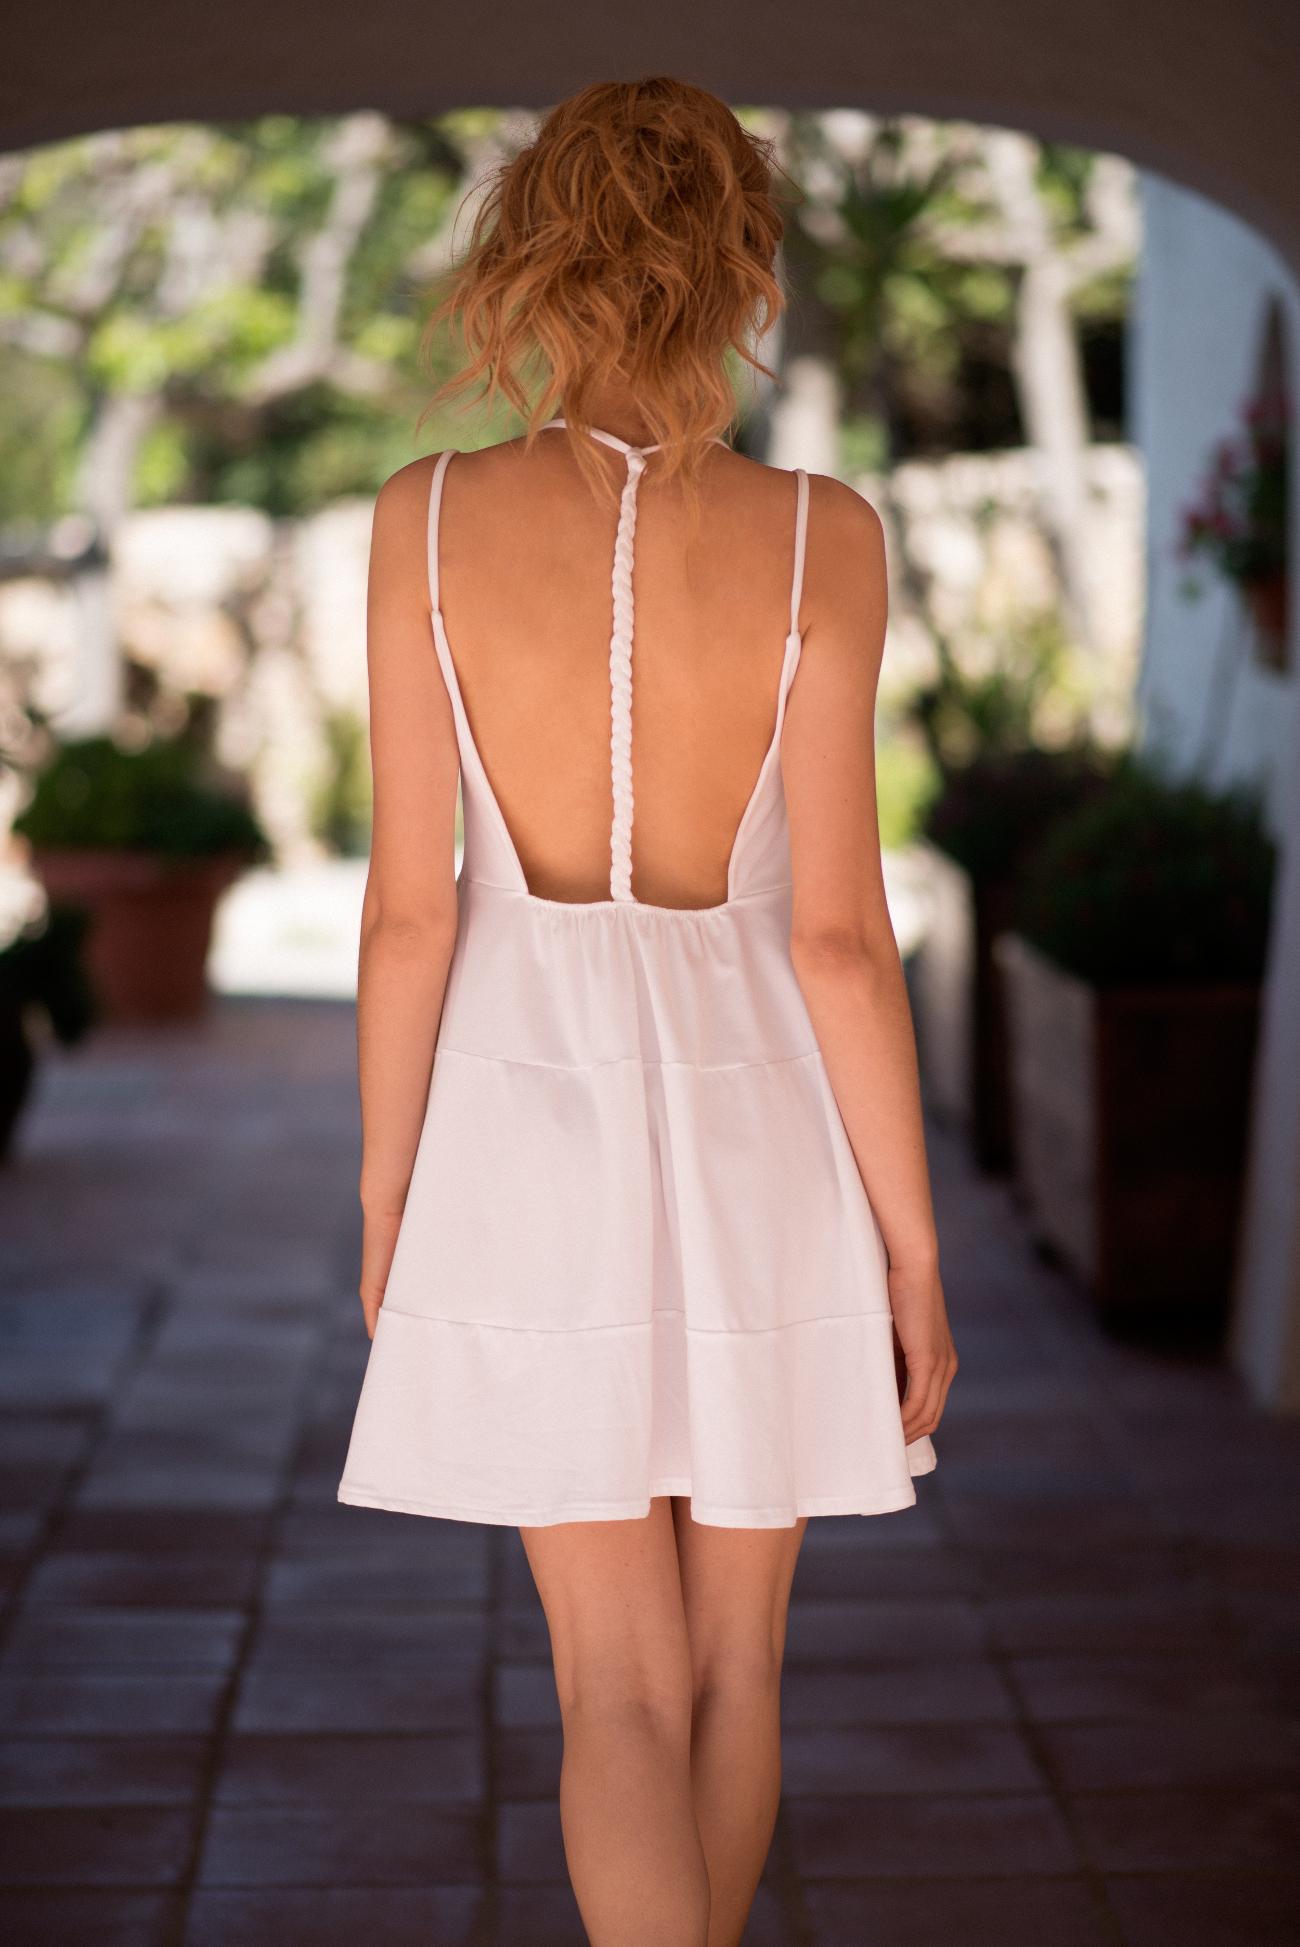 Vestido blanco por la espalda